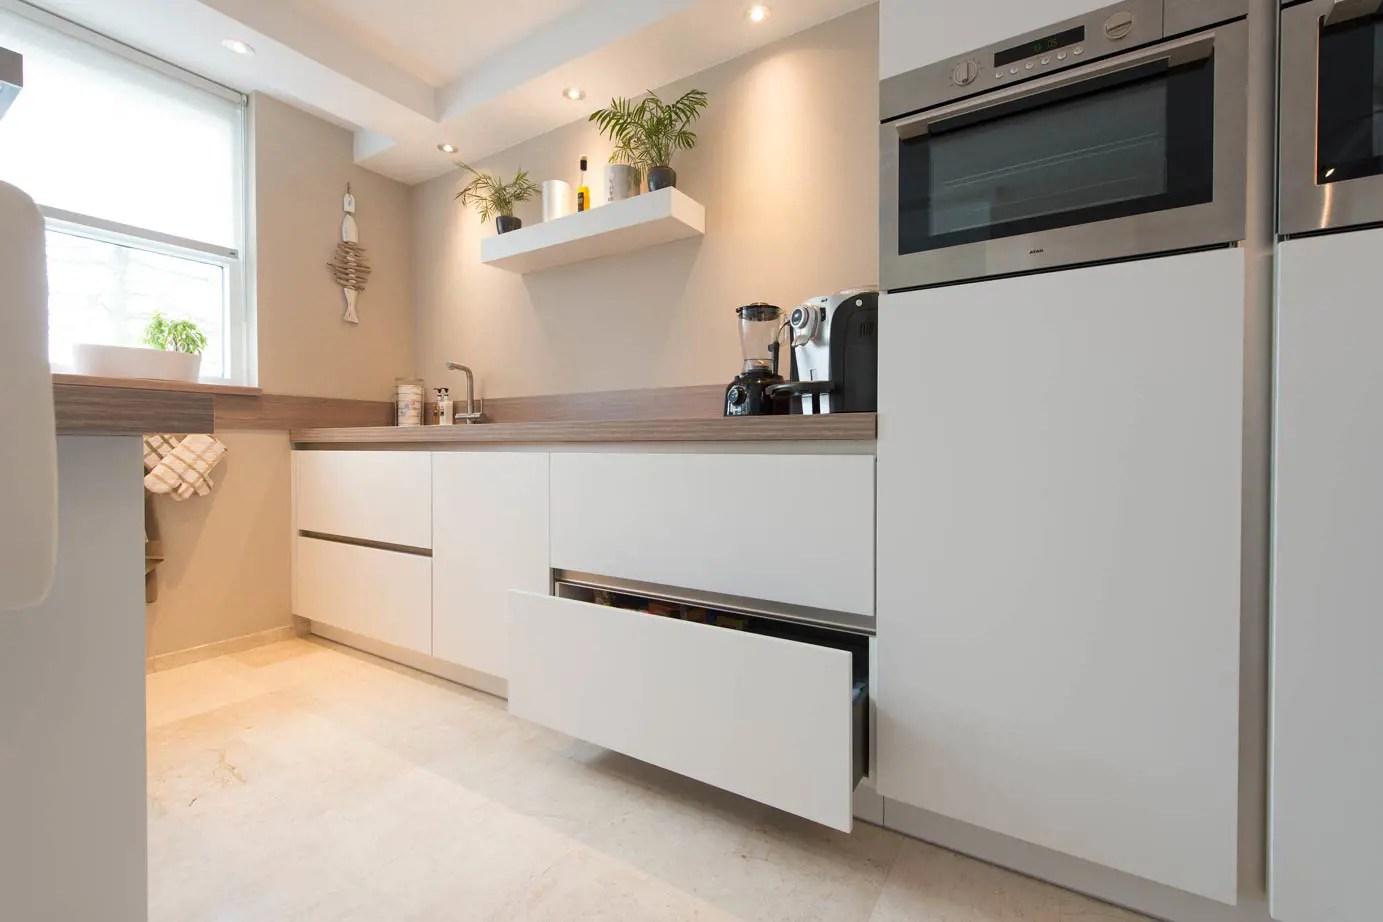 Verlichting Boven Aanrechtblad : Verlichting boven aanrechtblad aantal spotjes in woonkamer met